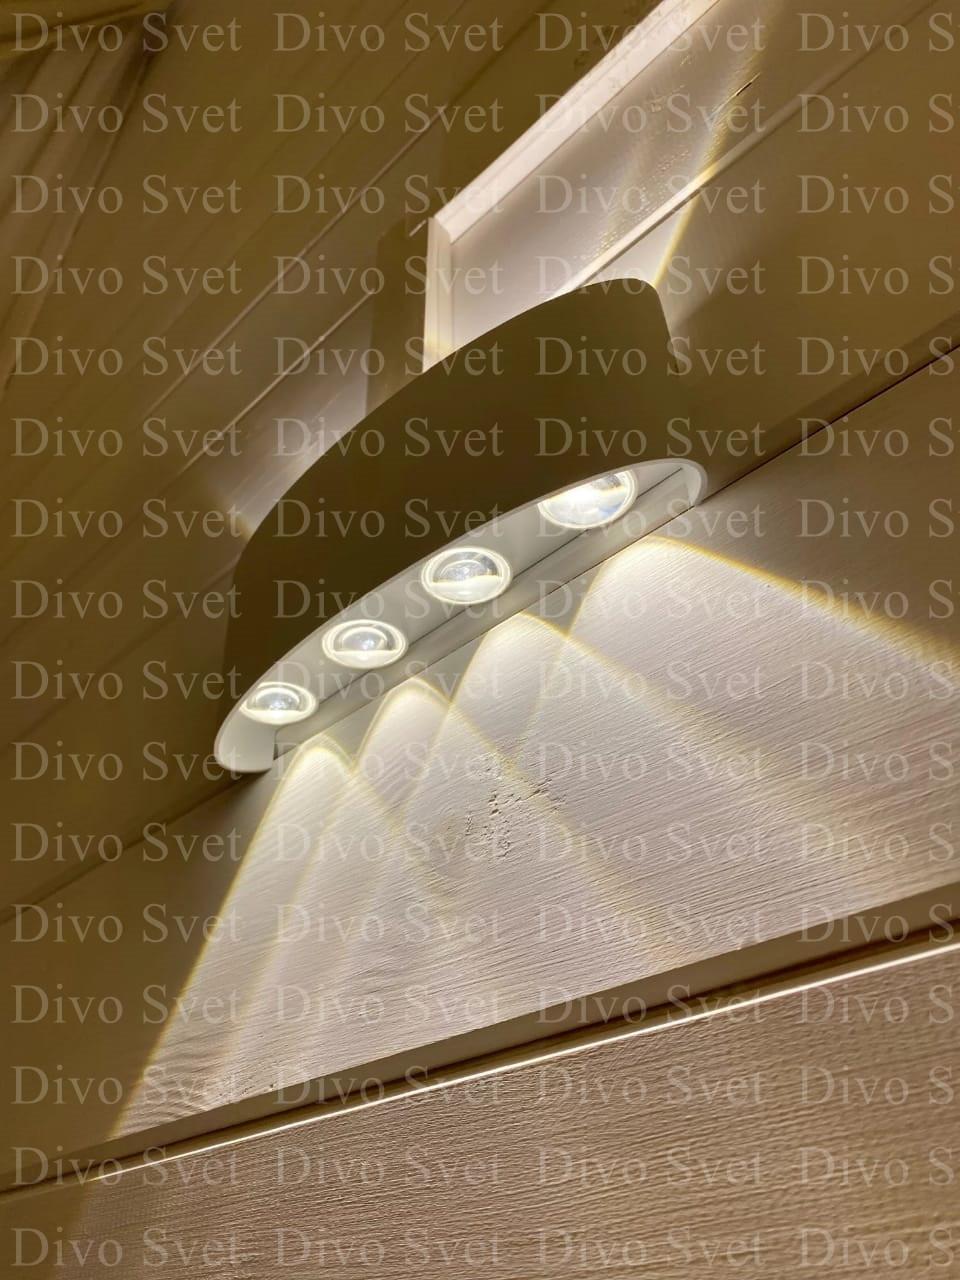 """Led светильник """"Линза 4*4"""" 8w, декоративный. Светодиодный архитектурный прожектор 8w настенный."""